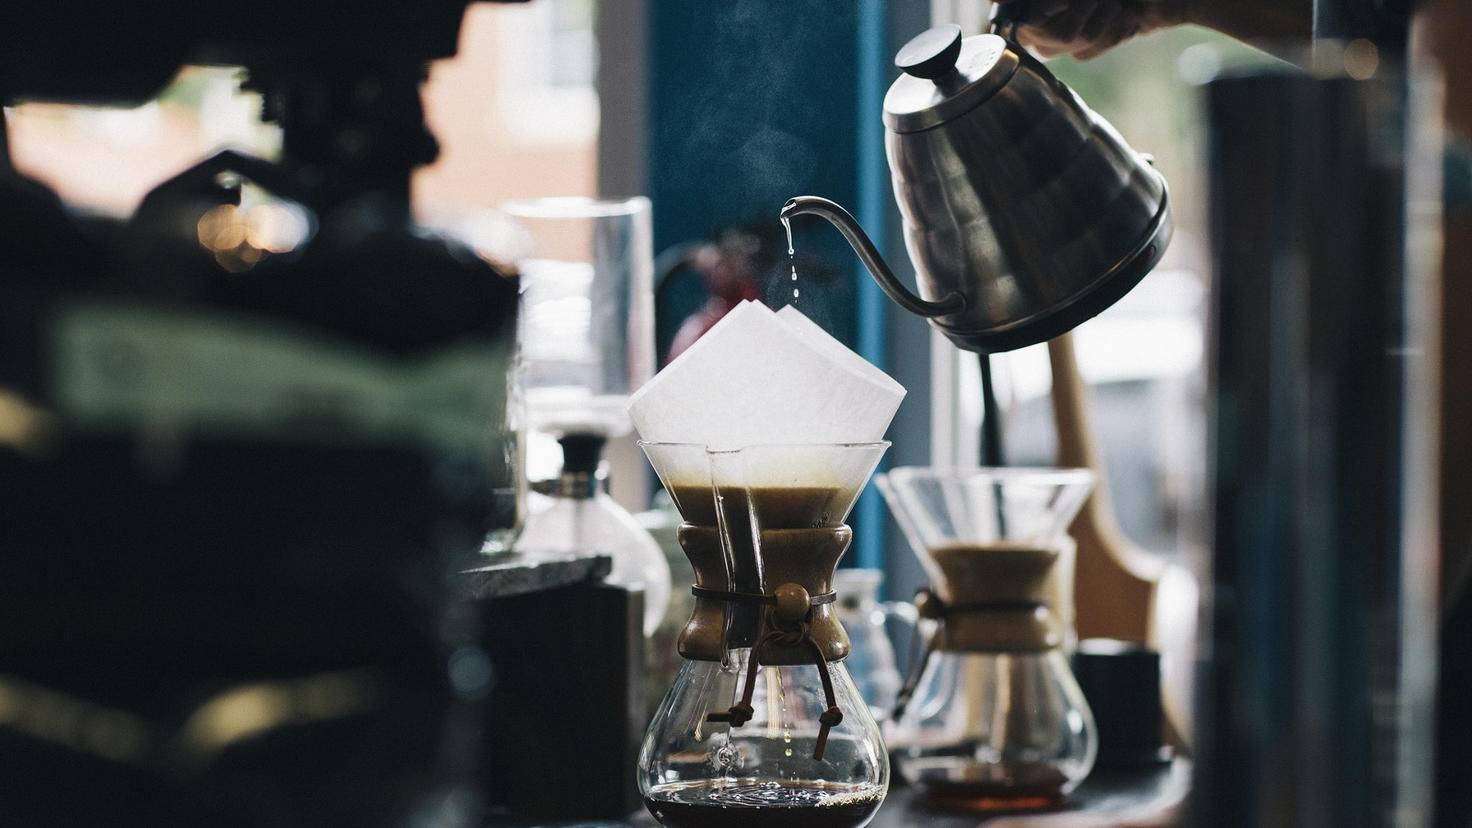 Heiß, aber nicht mehr kochend: So sollte das Wasser sein, bevor es mit leichten Schwenkbewegungen in den Kaffeefilter gefüllt wird.